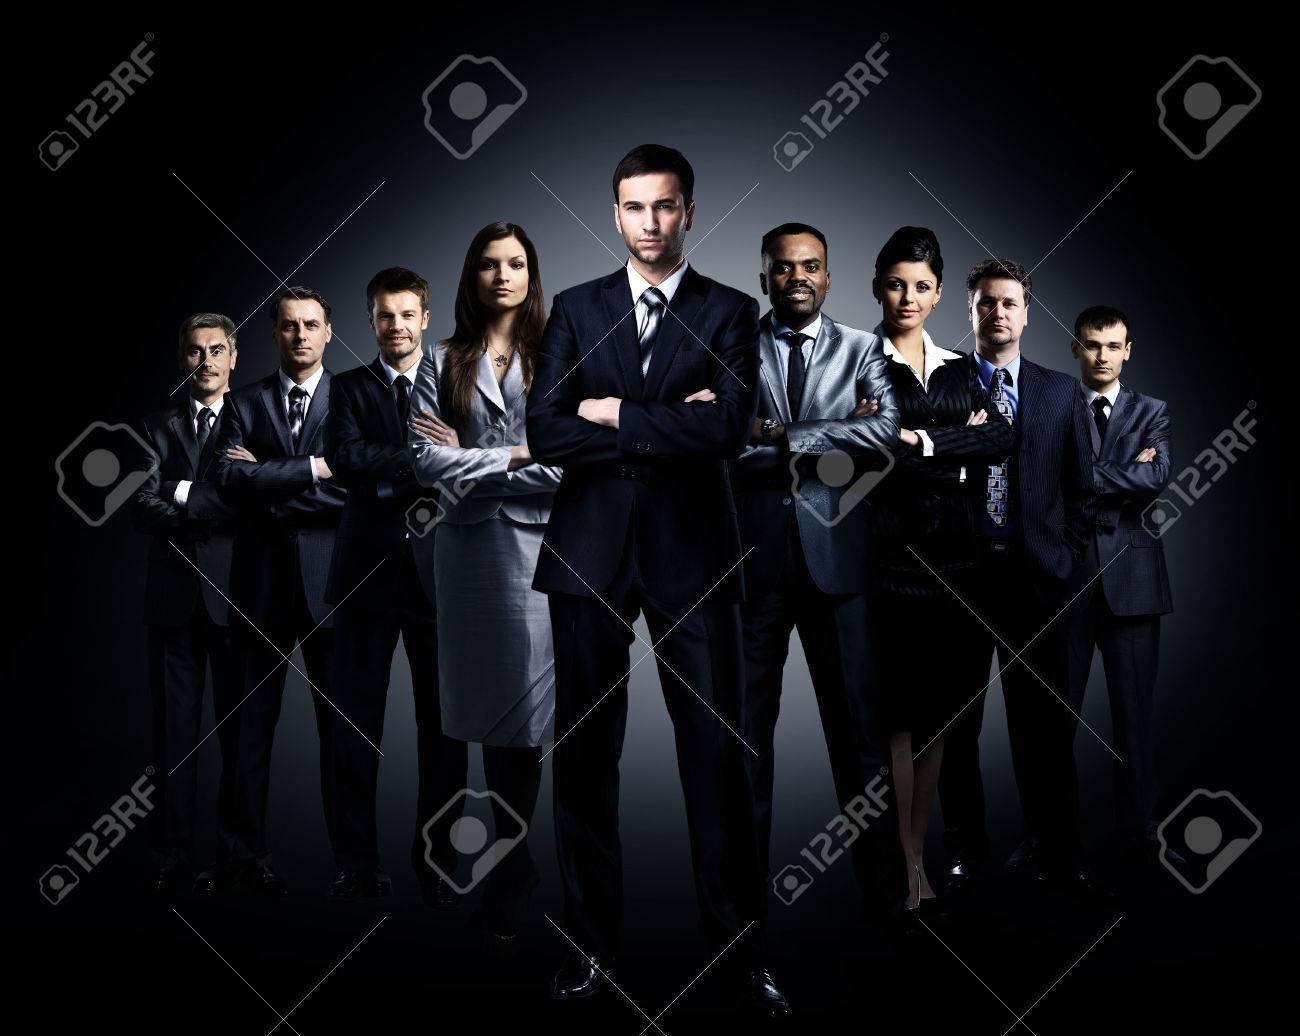 business team standing over a dark background Standard-Bild - 29170013